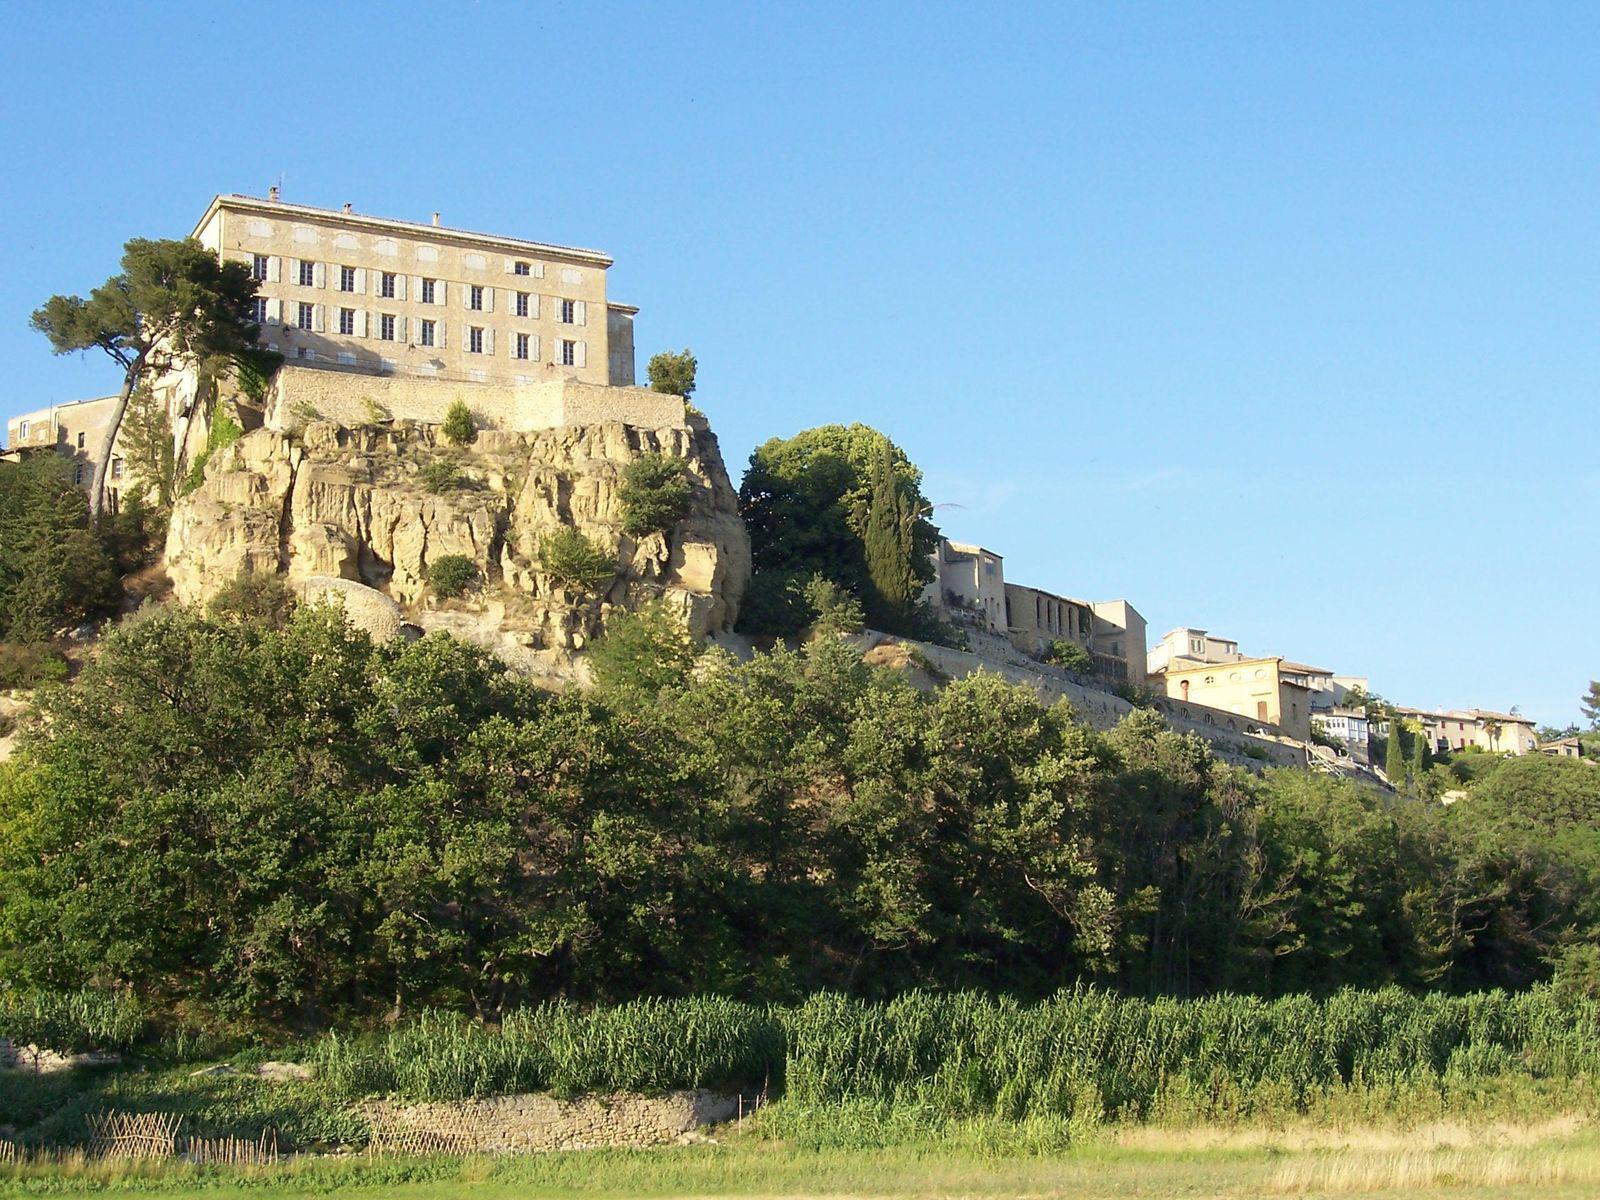 Village de Lauris (84360), Luberon, Vaucluse (84)